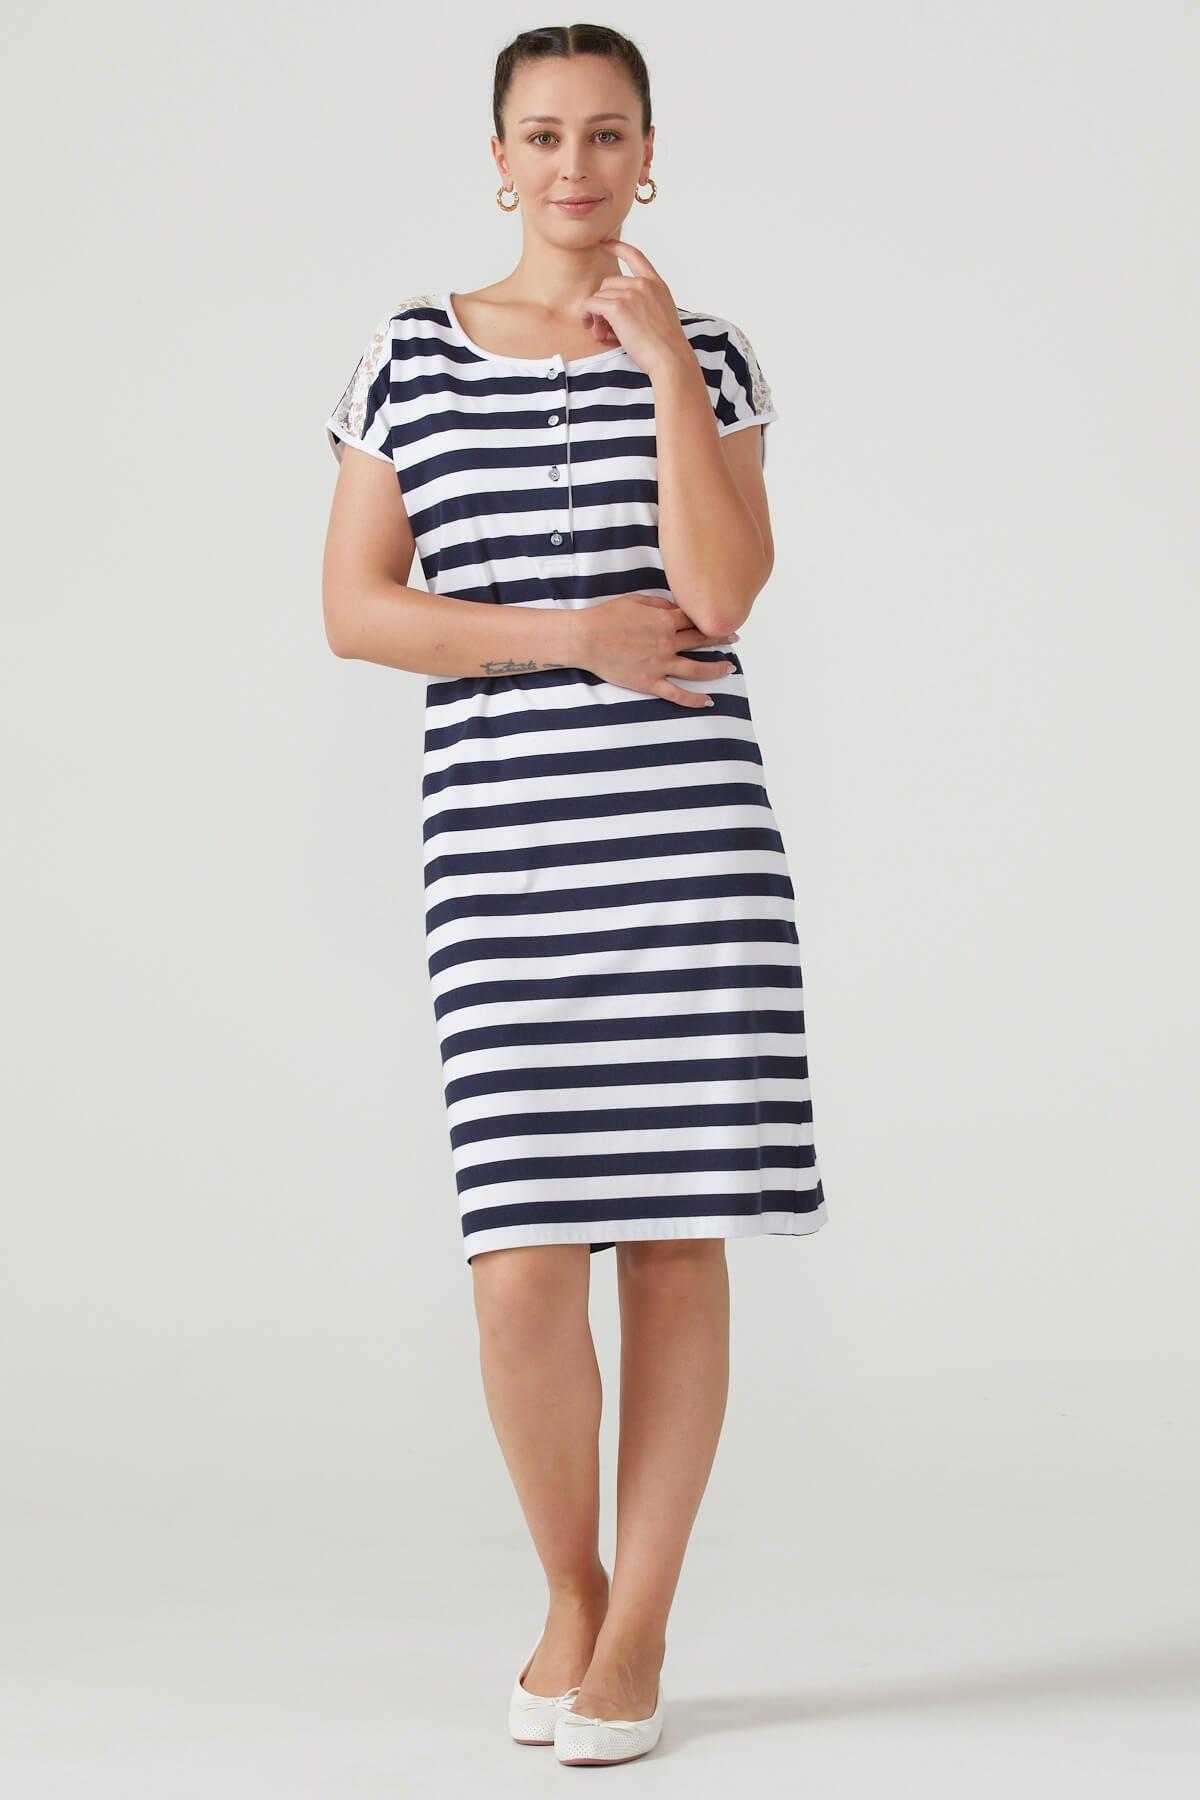 Kadın Omuzu Dantel Detaylı Çizgili Elbise - Lacivert